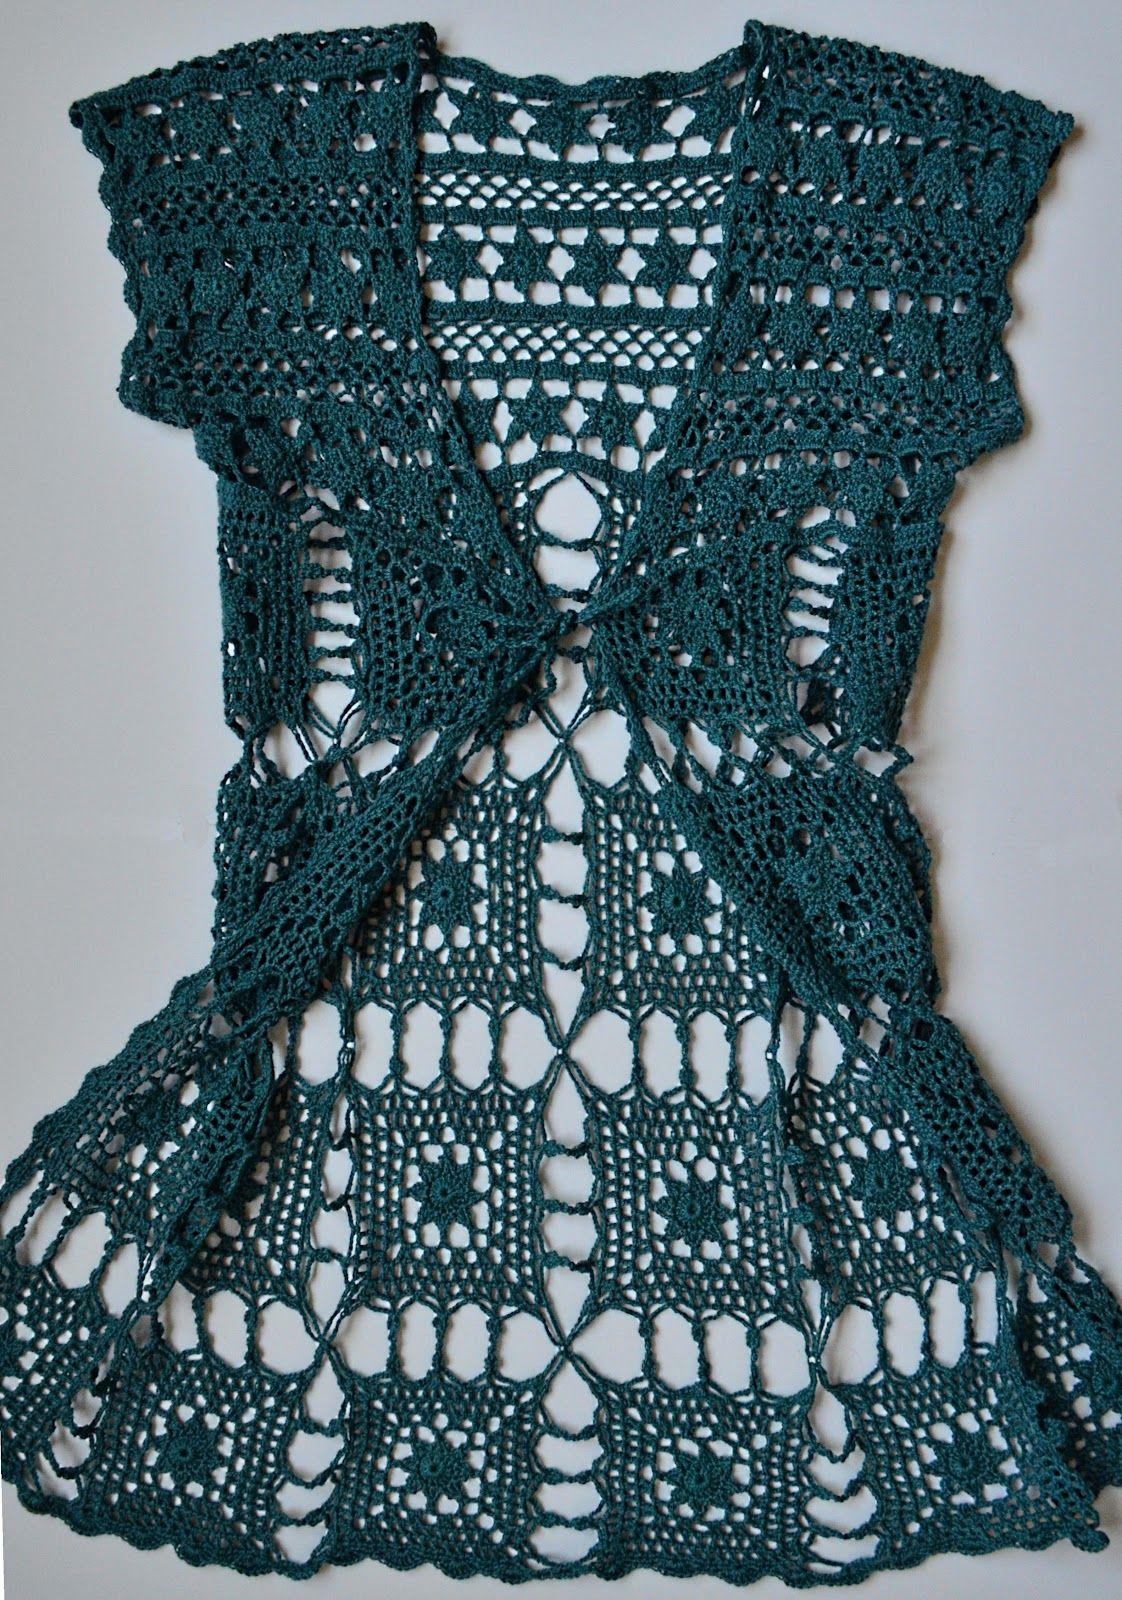 CHALECO TEJIDO | Vestir Crochet-Clothes | Pinterest | Weste, Häkeln ...